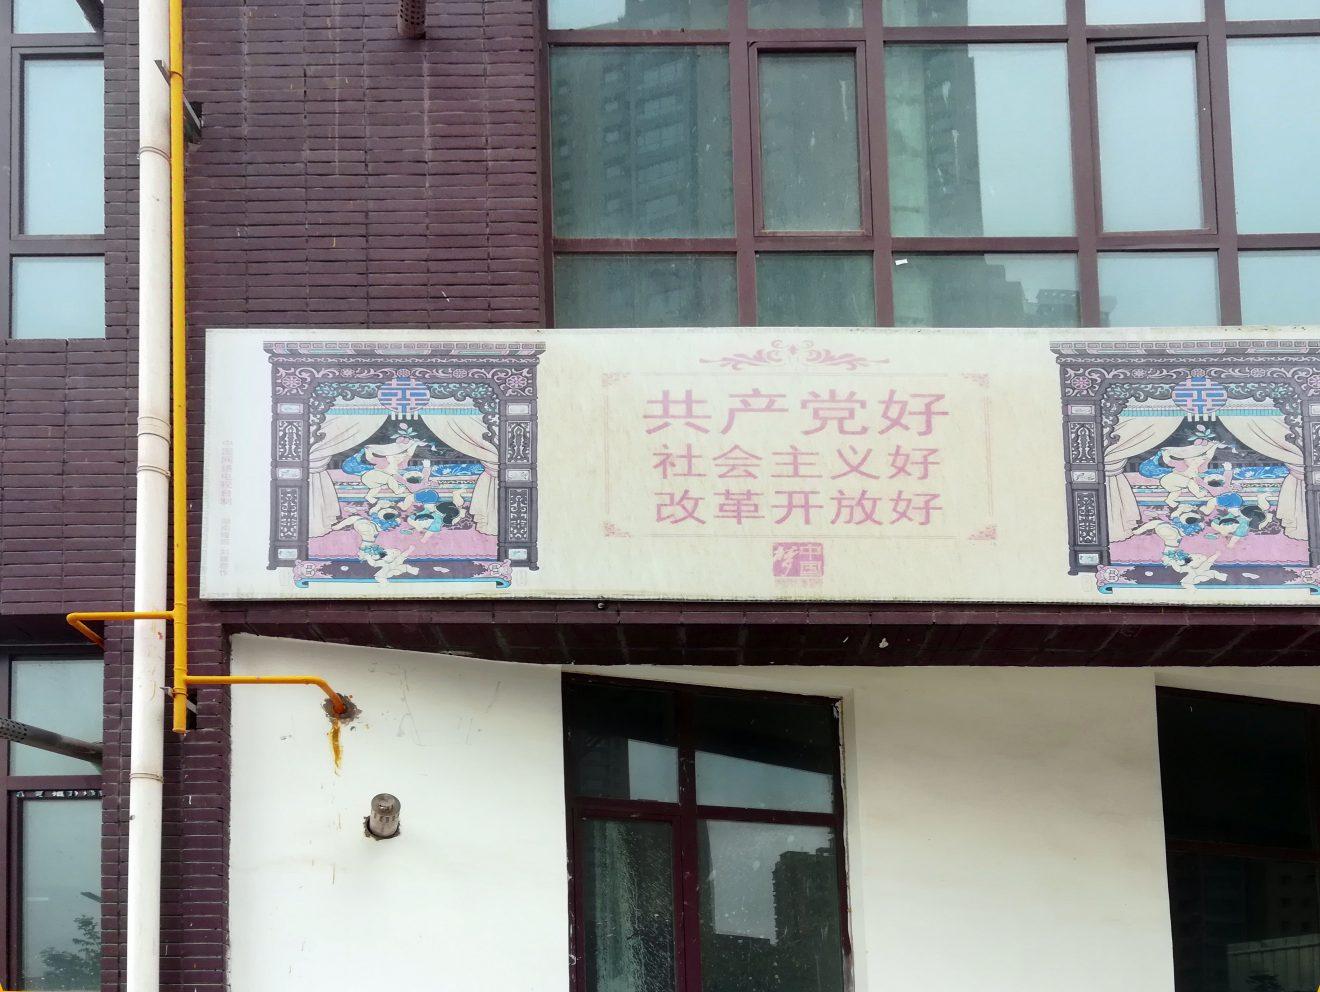 Die Volksrepublik China und ihre menschheitliche Bedeutung